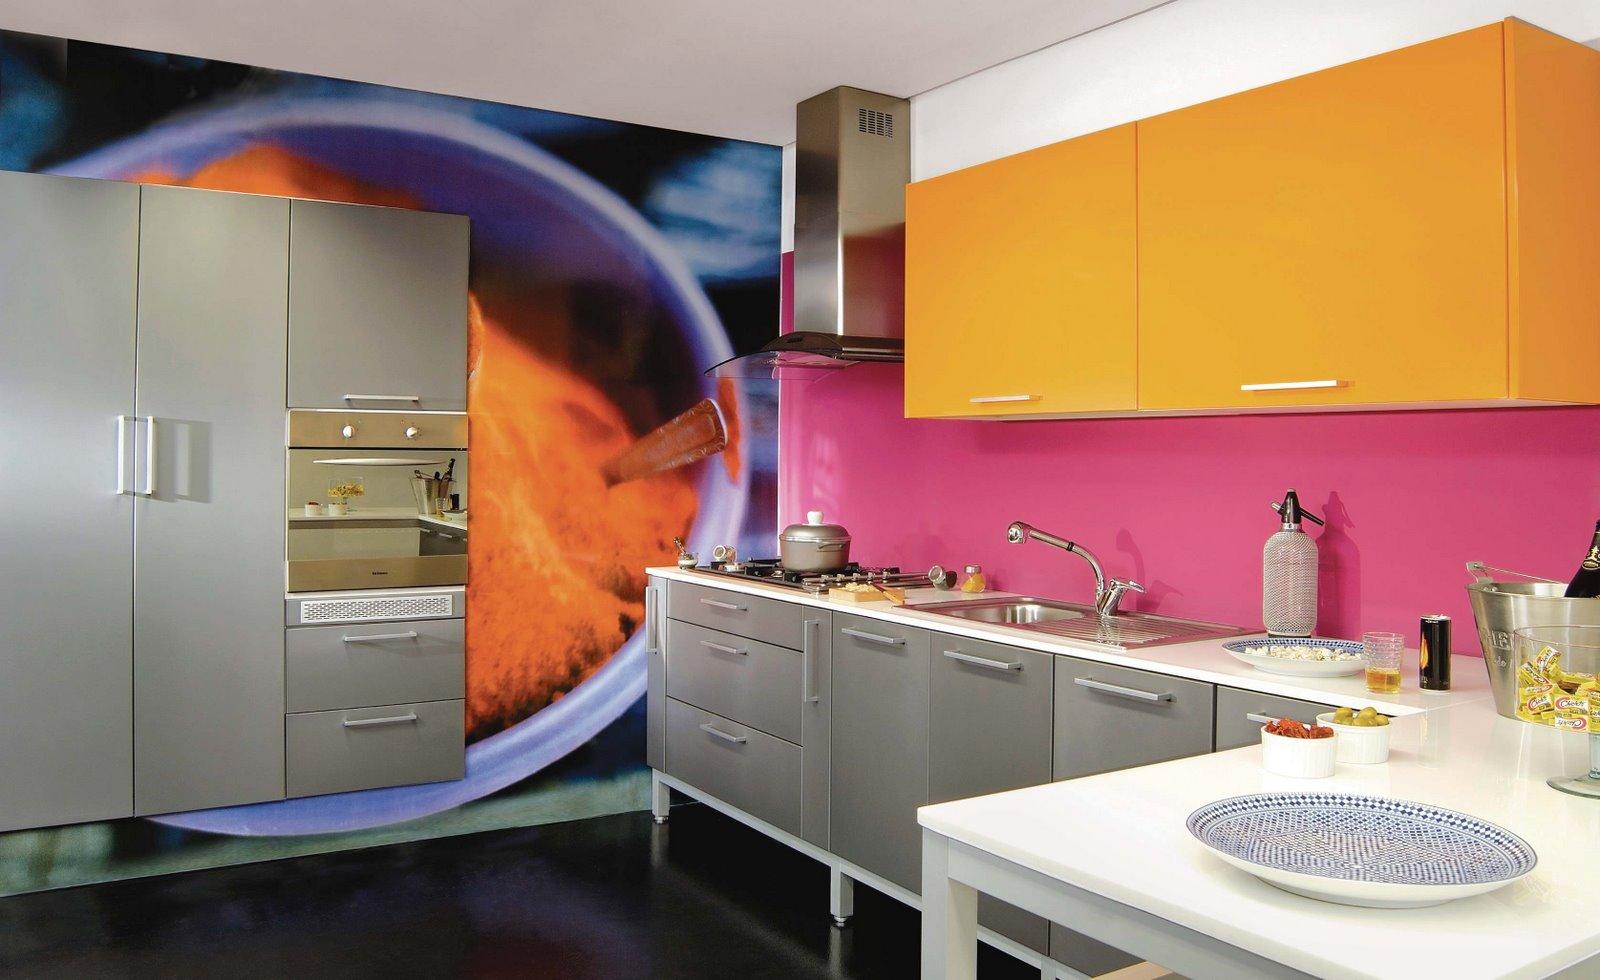 Wibamp Com Cozinha Moderna Pequena Colorida Id Ias Do Projeto Da